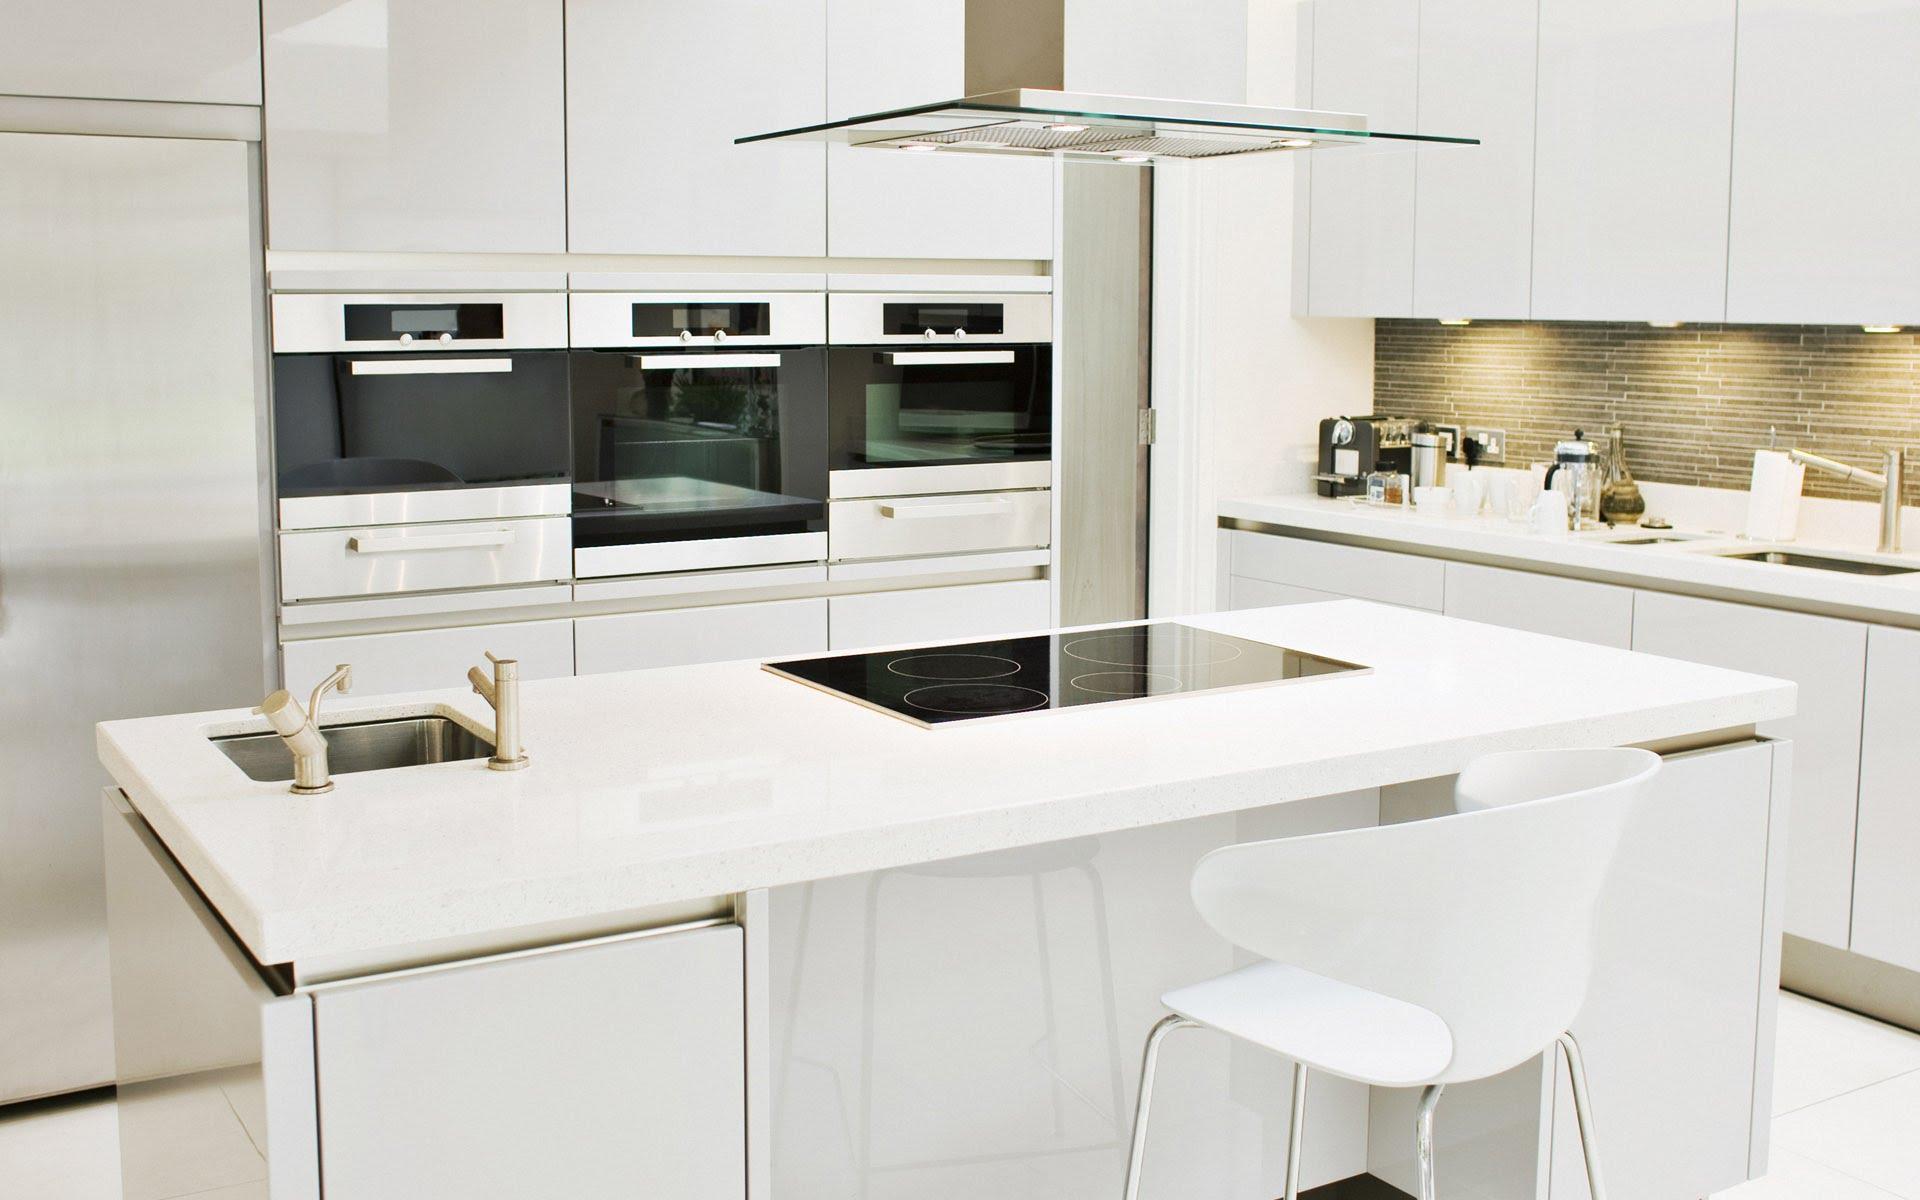 Phong thủy phòng bếp về màu và chất liệu mà bạn nên biết - Nhà Đẹp Số (2)